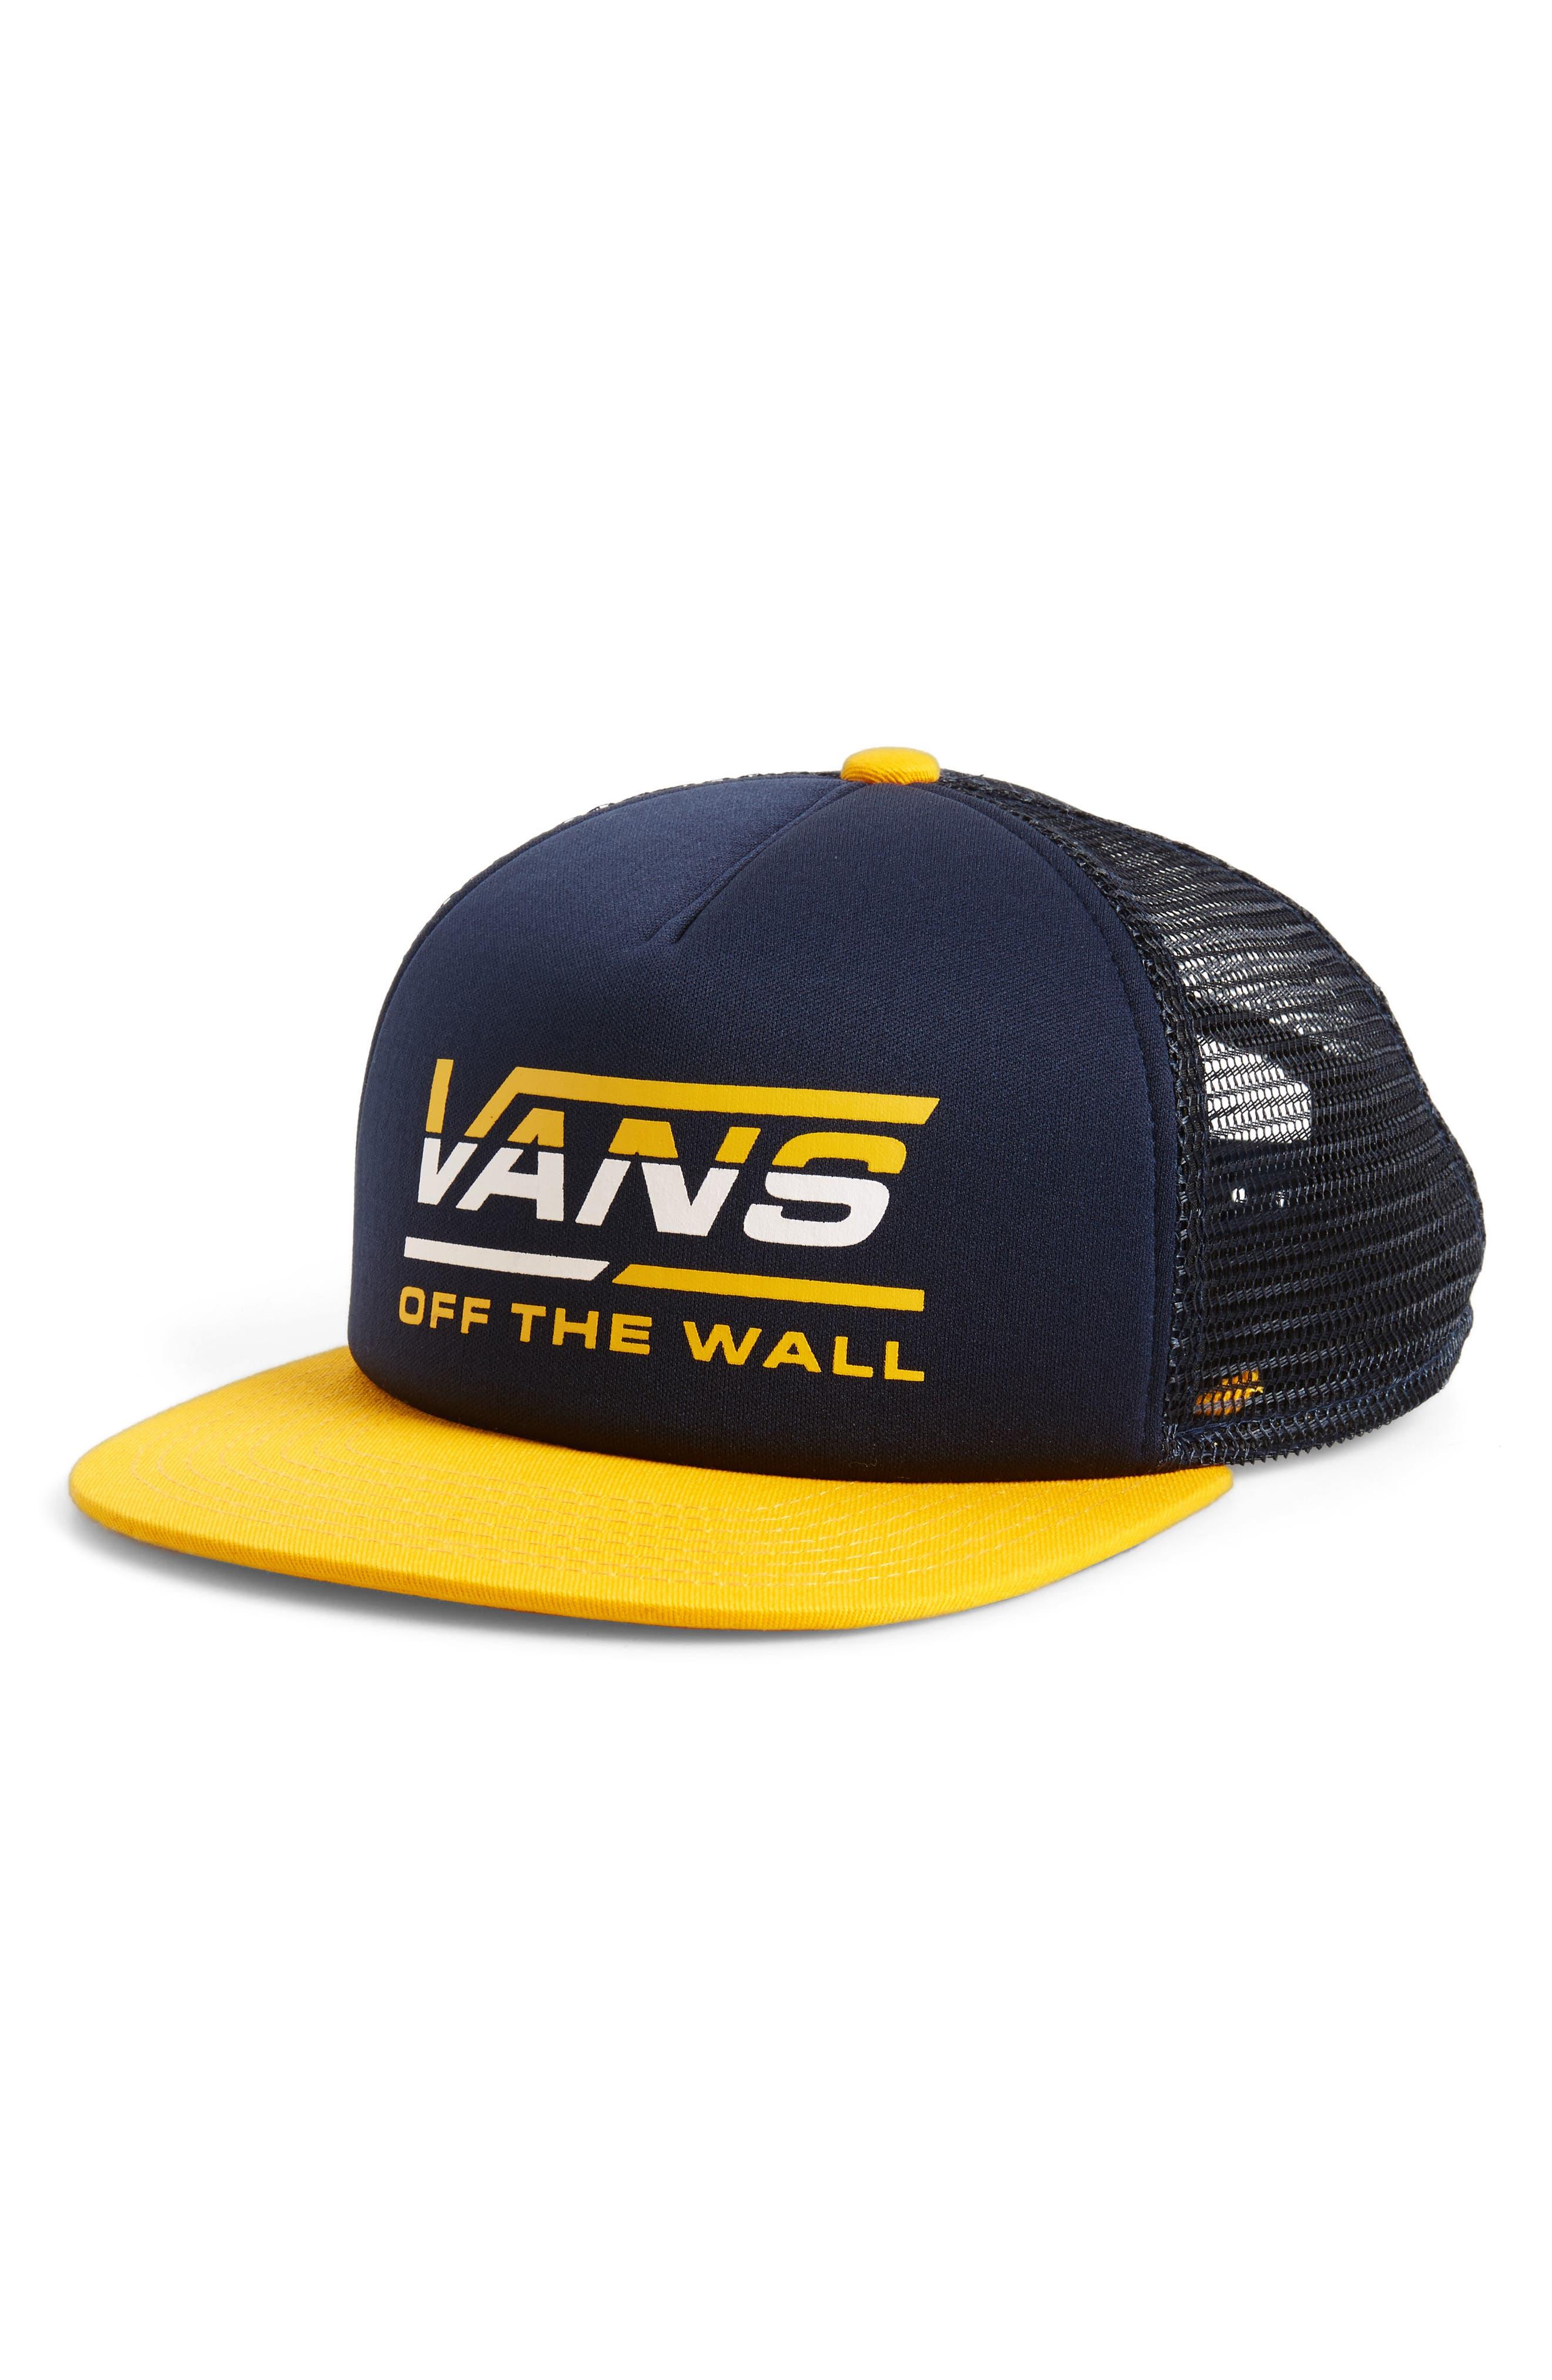 Alternate Image 1 Selected - Vans Mercer Trucker Hat (Boys)